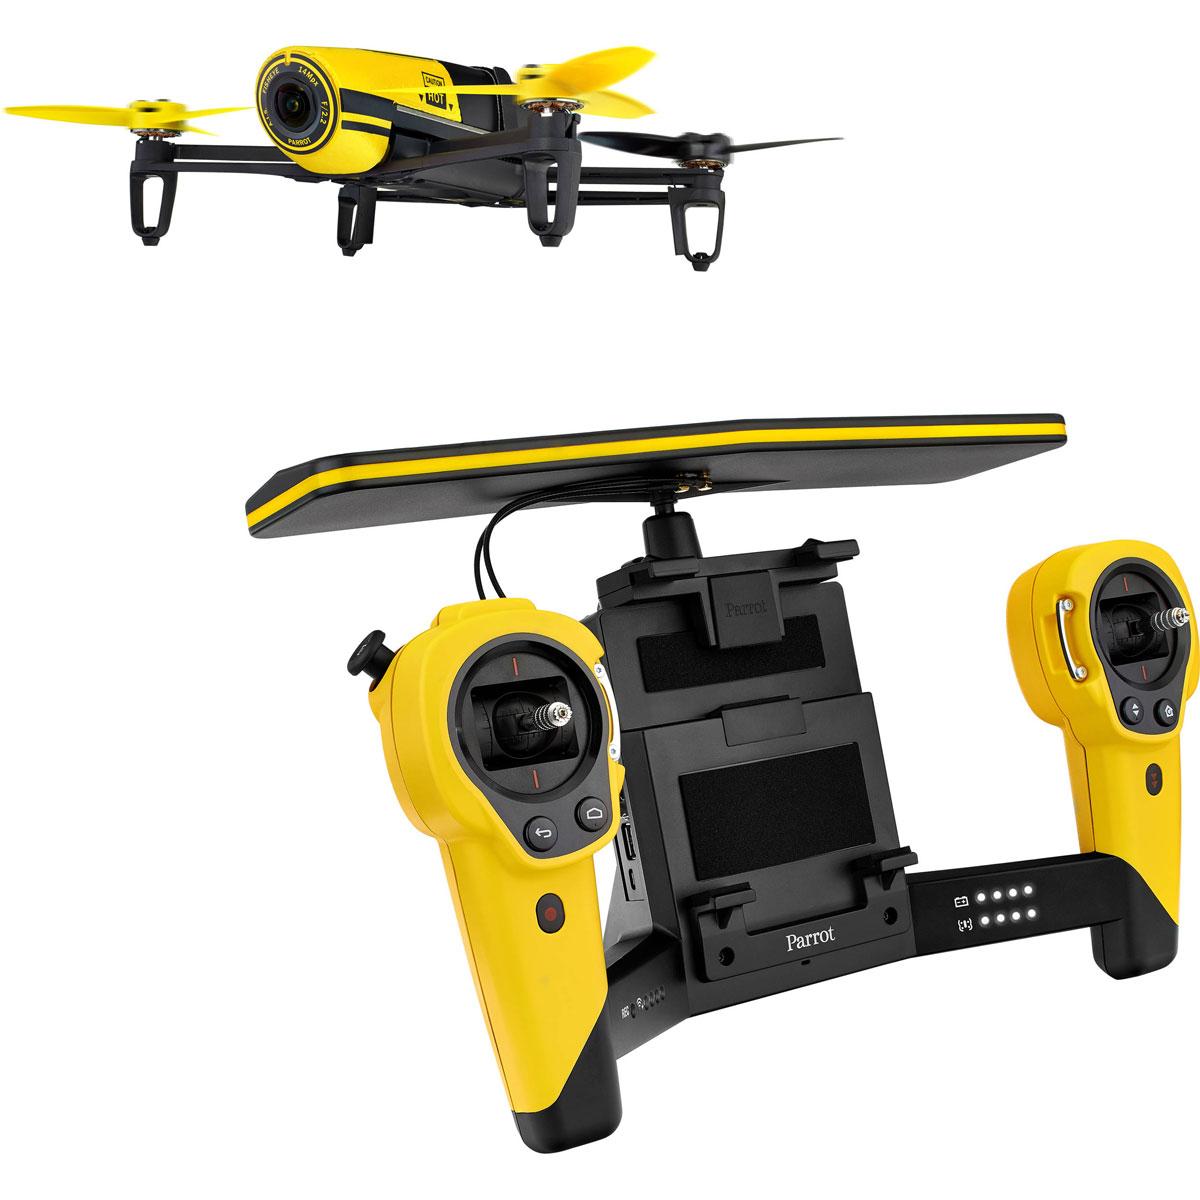 Parrot Квадрокоптер на радиоуправлении Bebop Drone + Skycontroller цвет желтый